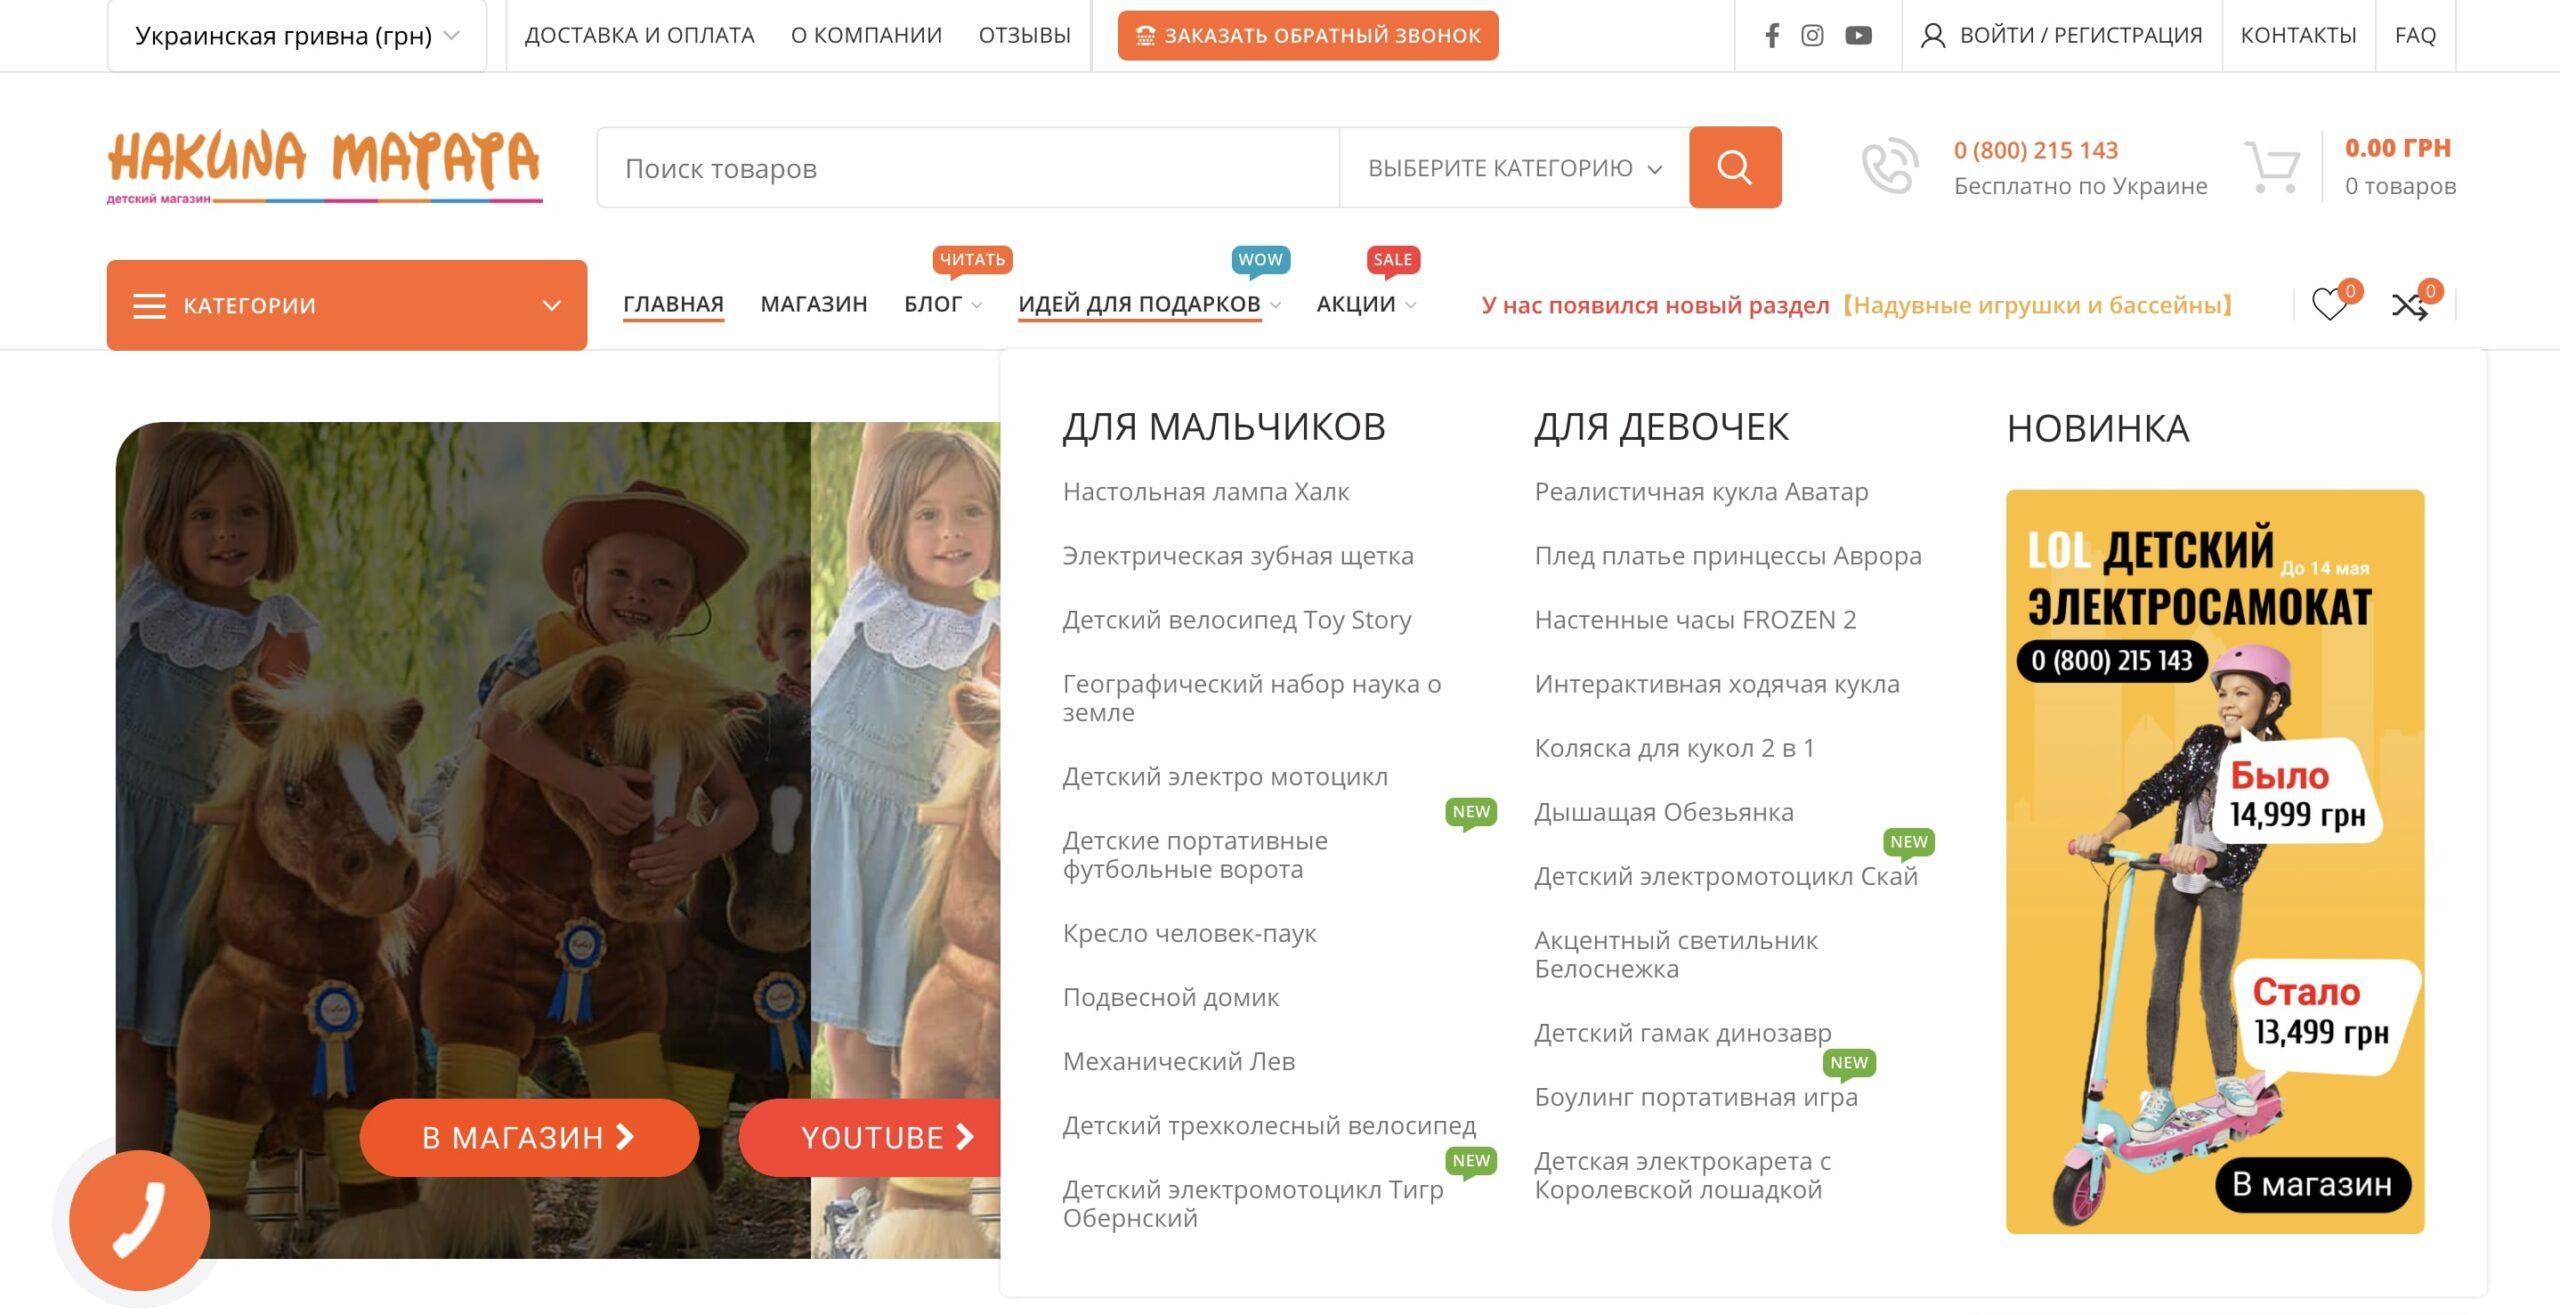 Кеис разработка интернет-магазина детских товаров и игрушек hakuna-matata.store